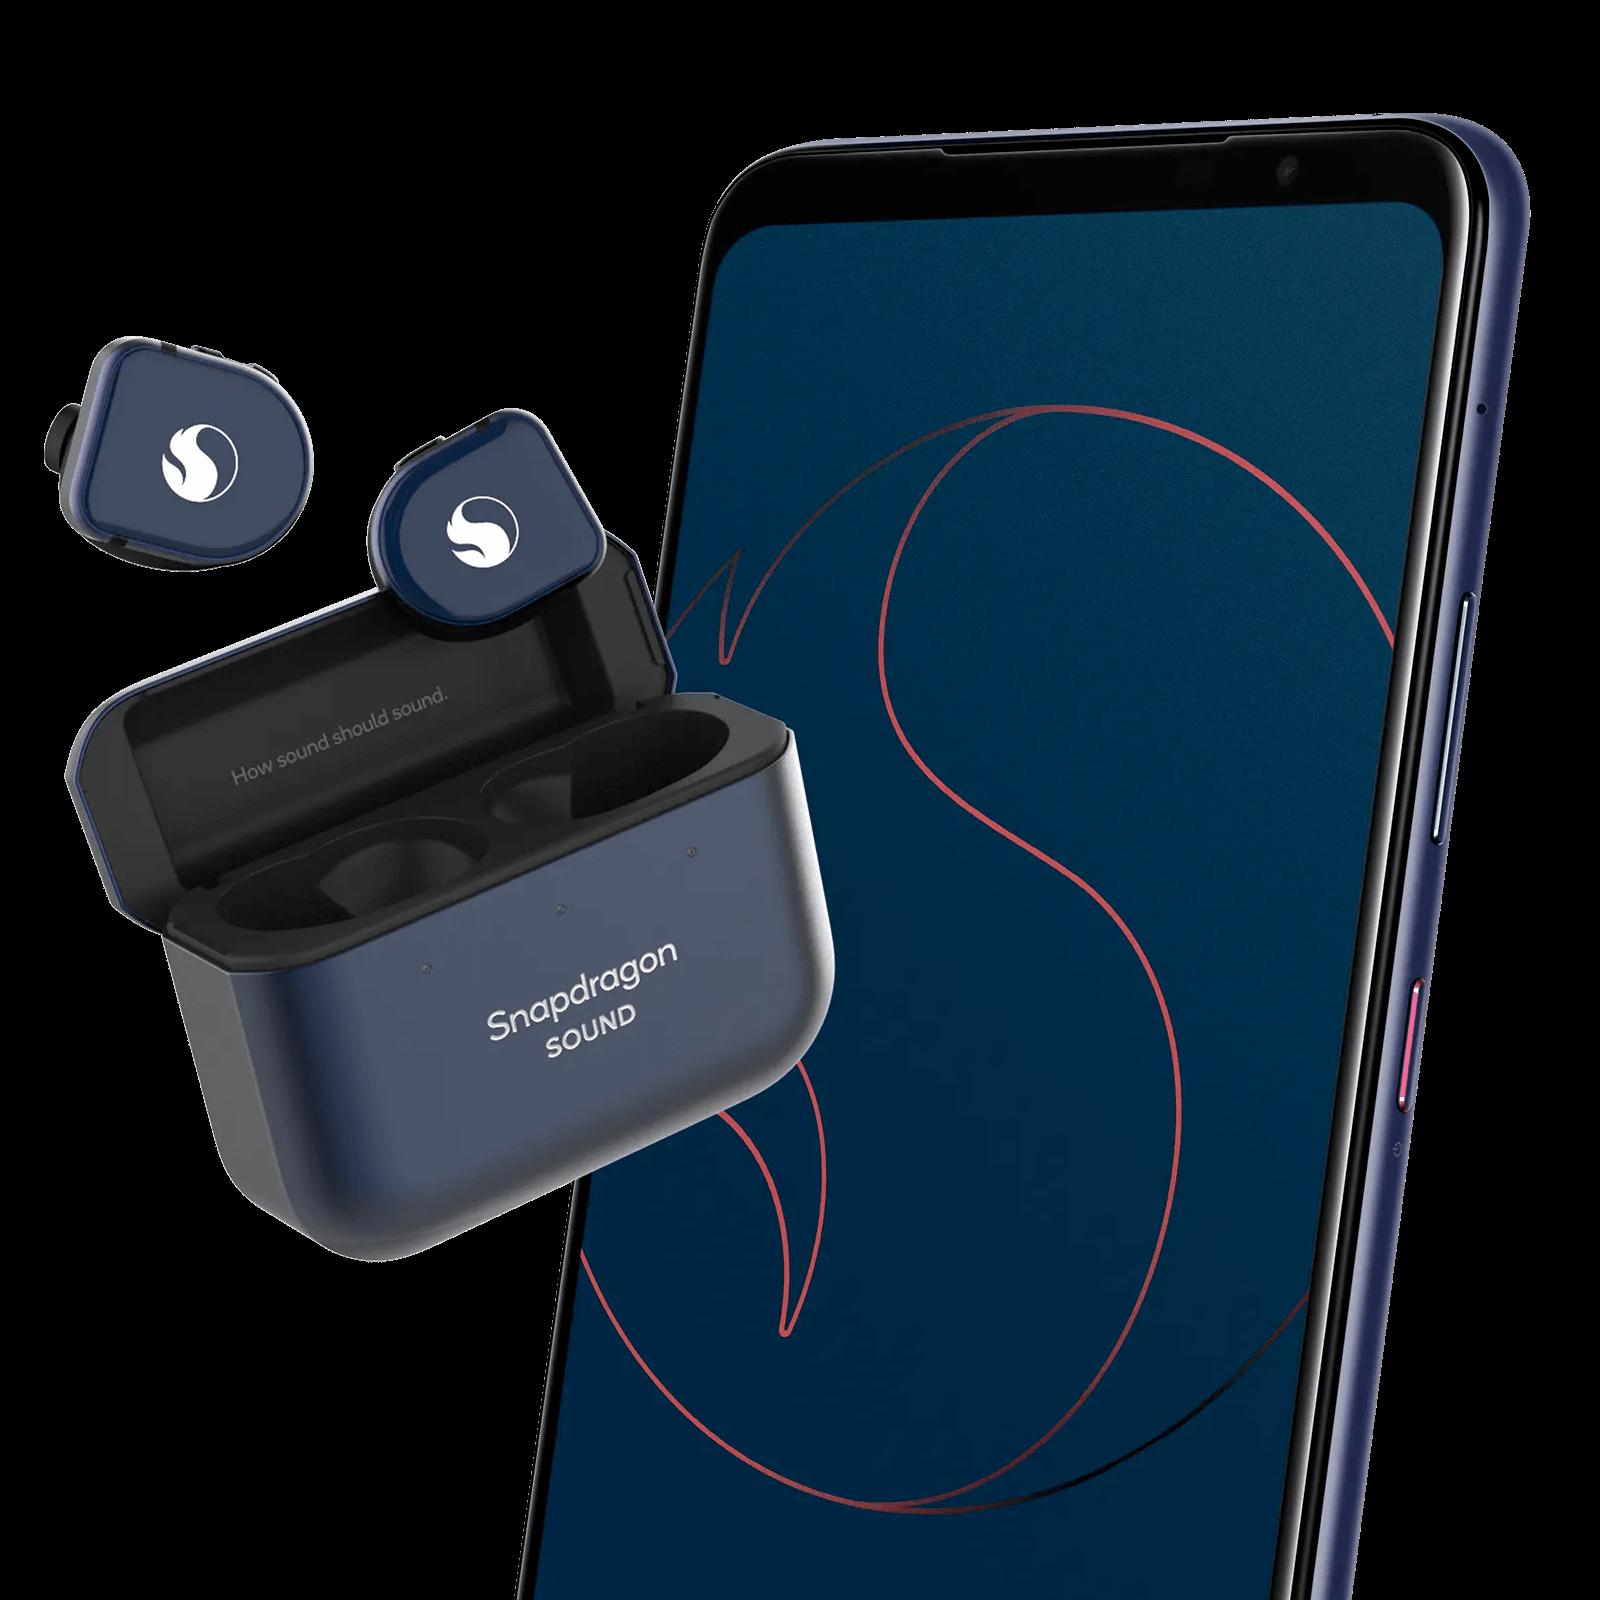 Эксперты оценили аудиосистему первого смартфона Qualcomm Snapdragon